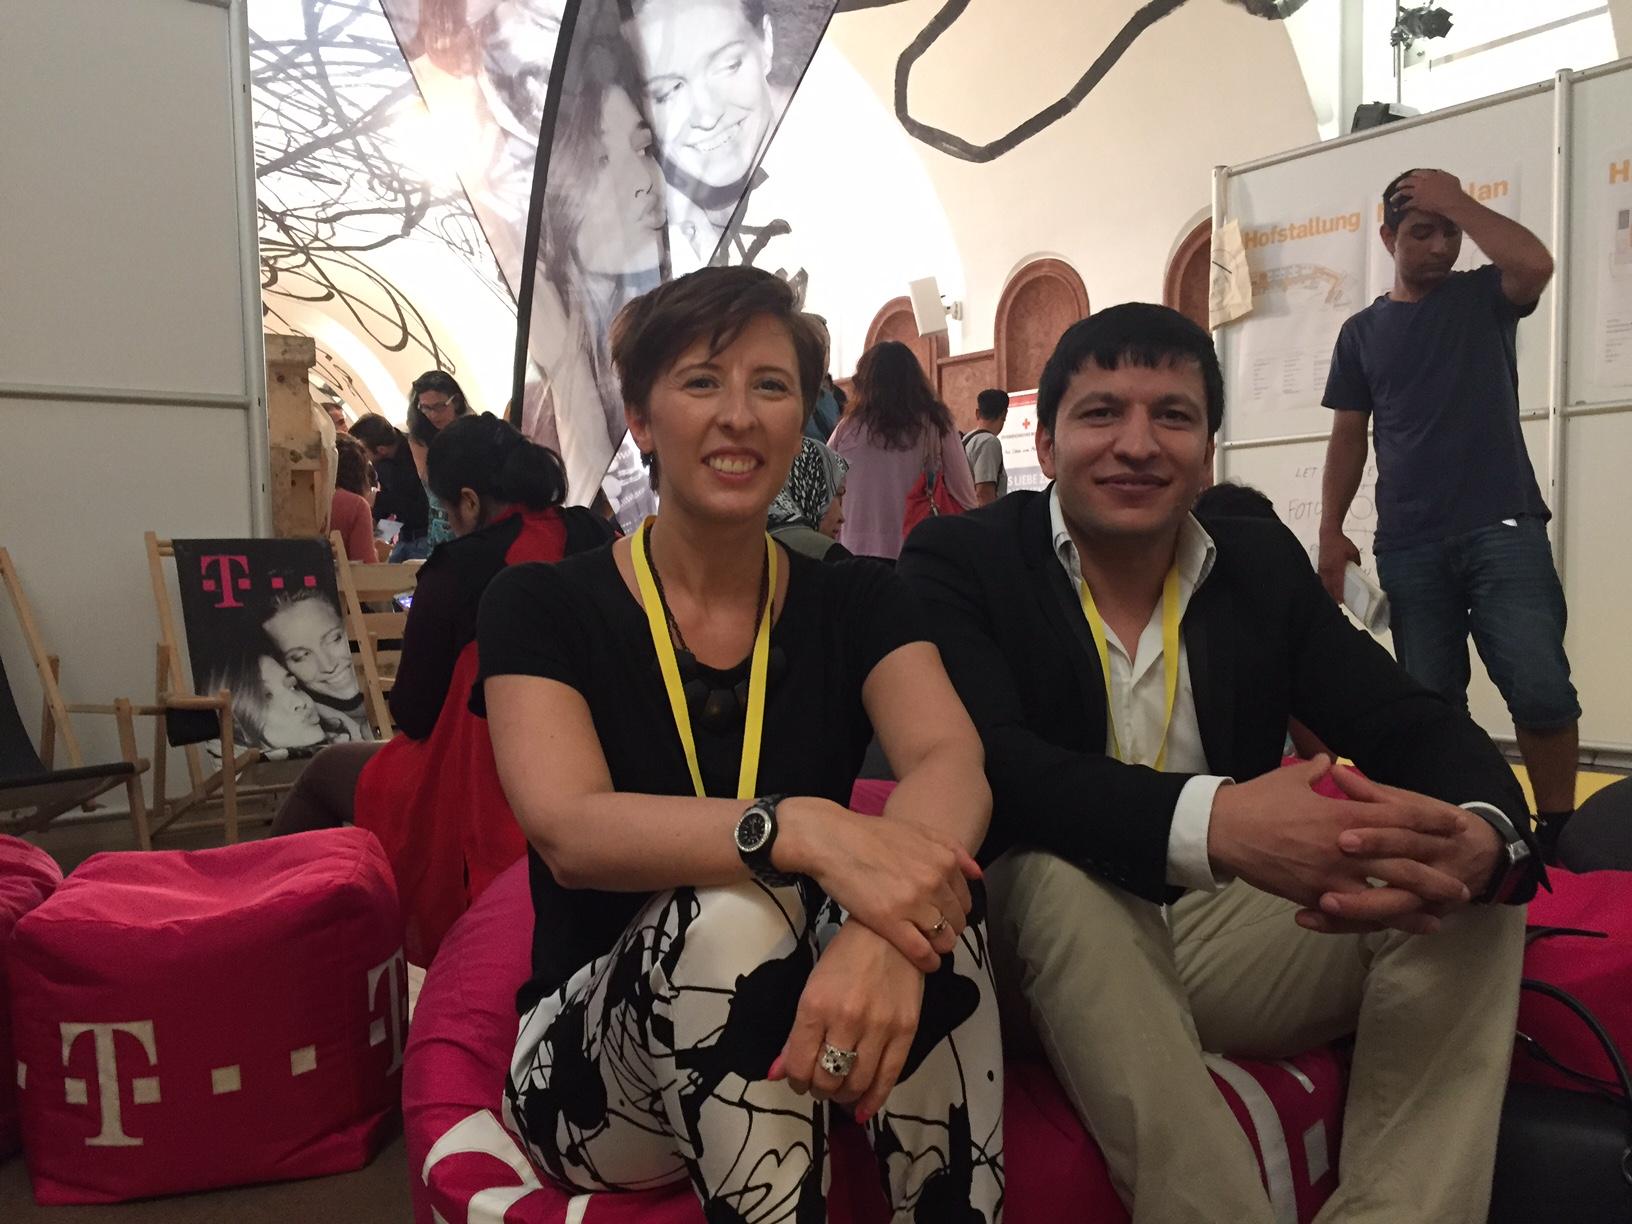 Alexandra Pattermann, T-Mobile Personalentwicklerin, und Tawab Ghassemi aus dem T-Mobile Kundenservice auf der ersten Jobmesse für geflüchtete Menschen.